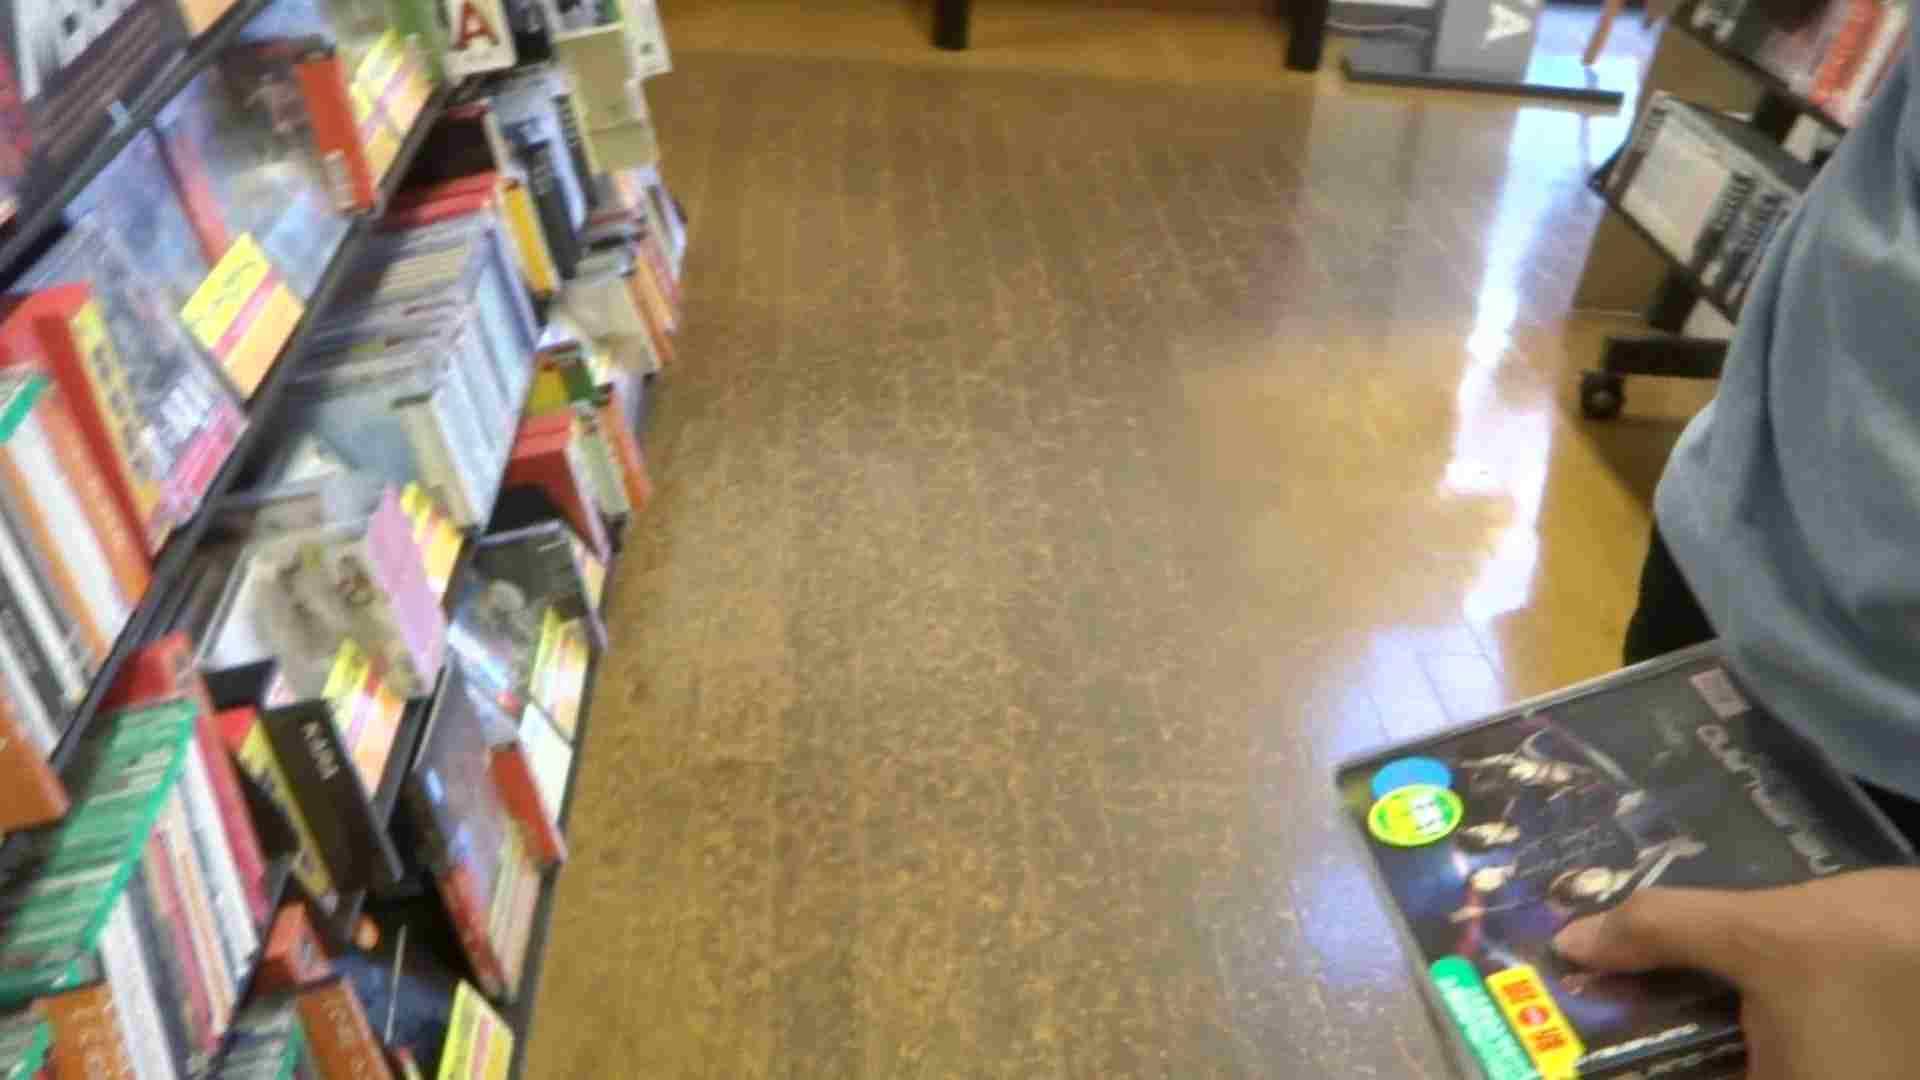 近所のお店は危険がイッパイ vol.9 美しいOLの裸体  104pic 6